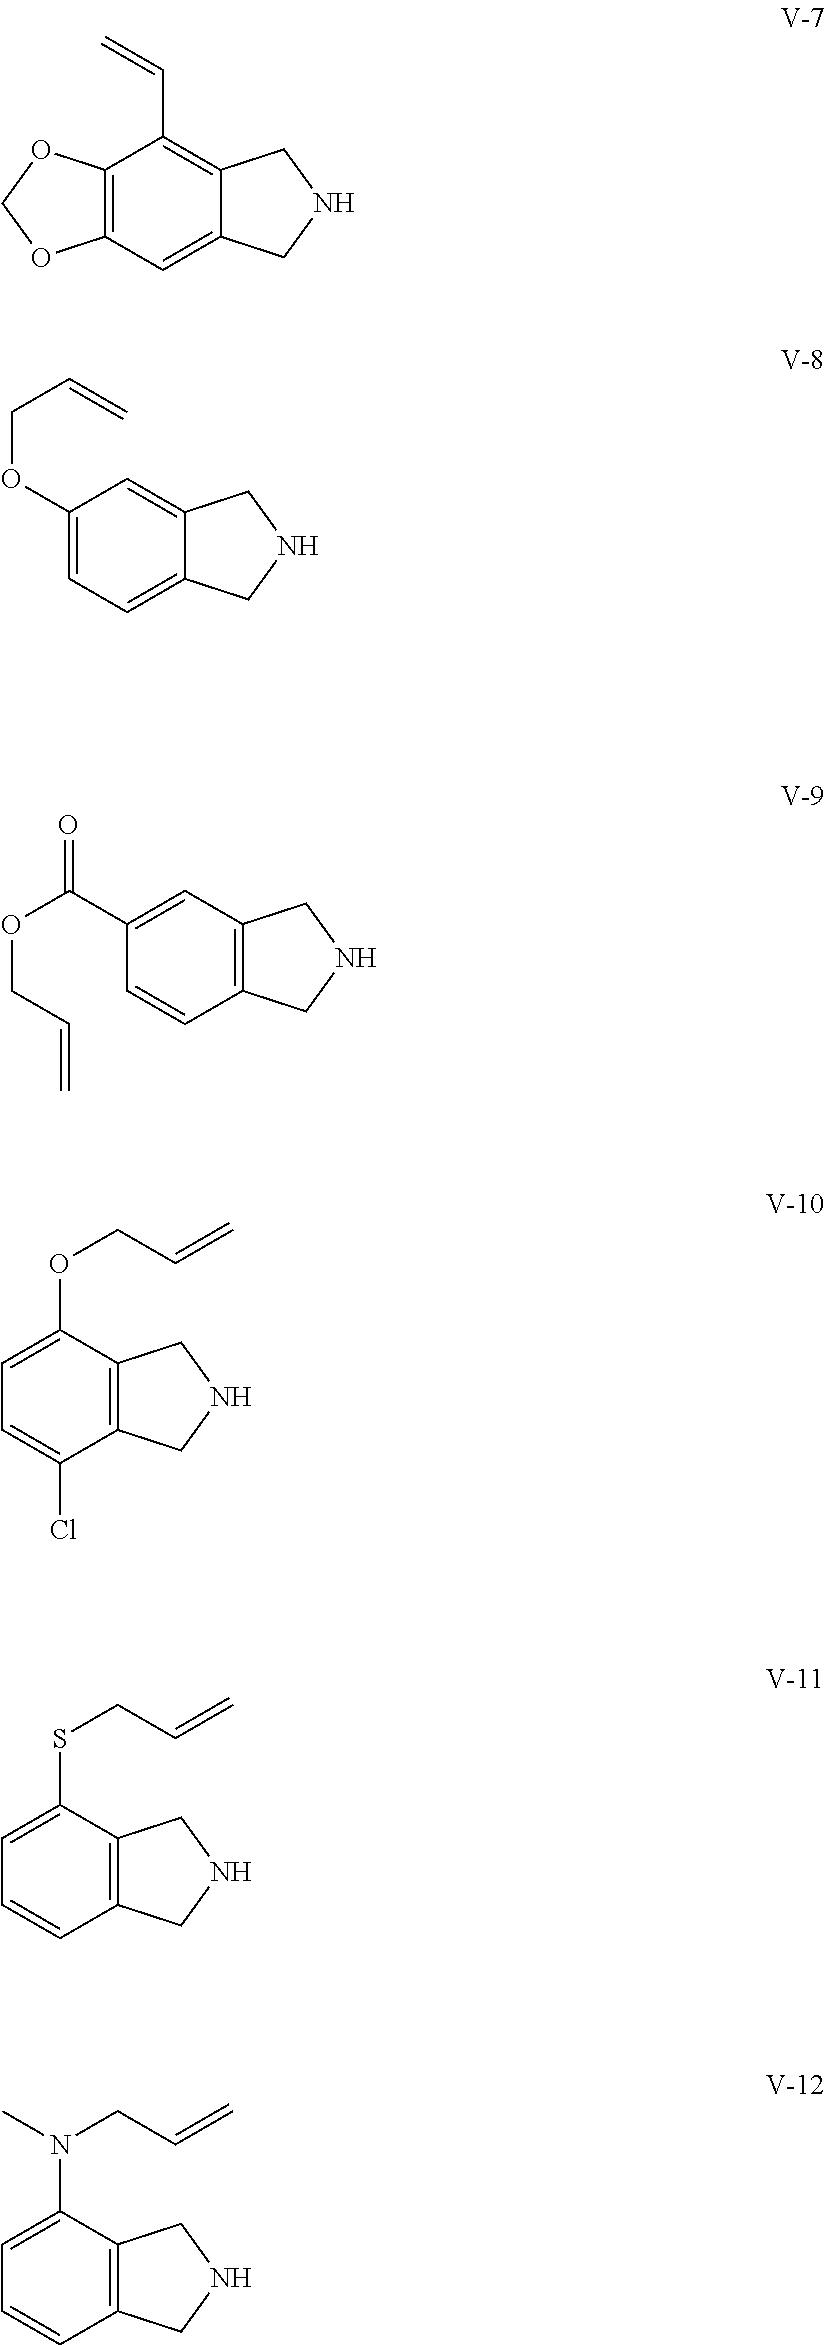 Figure US08962810-20150224-C00107